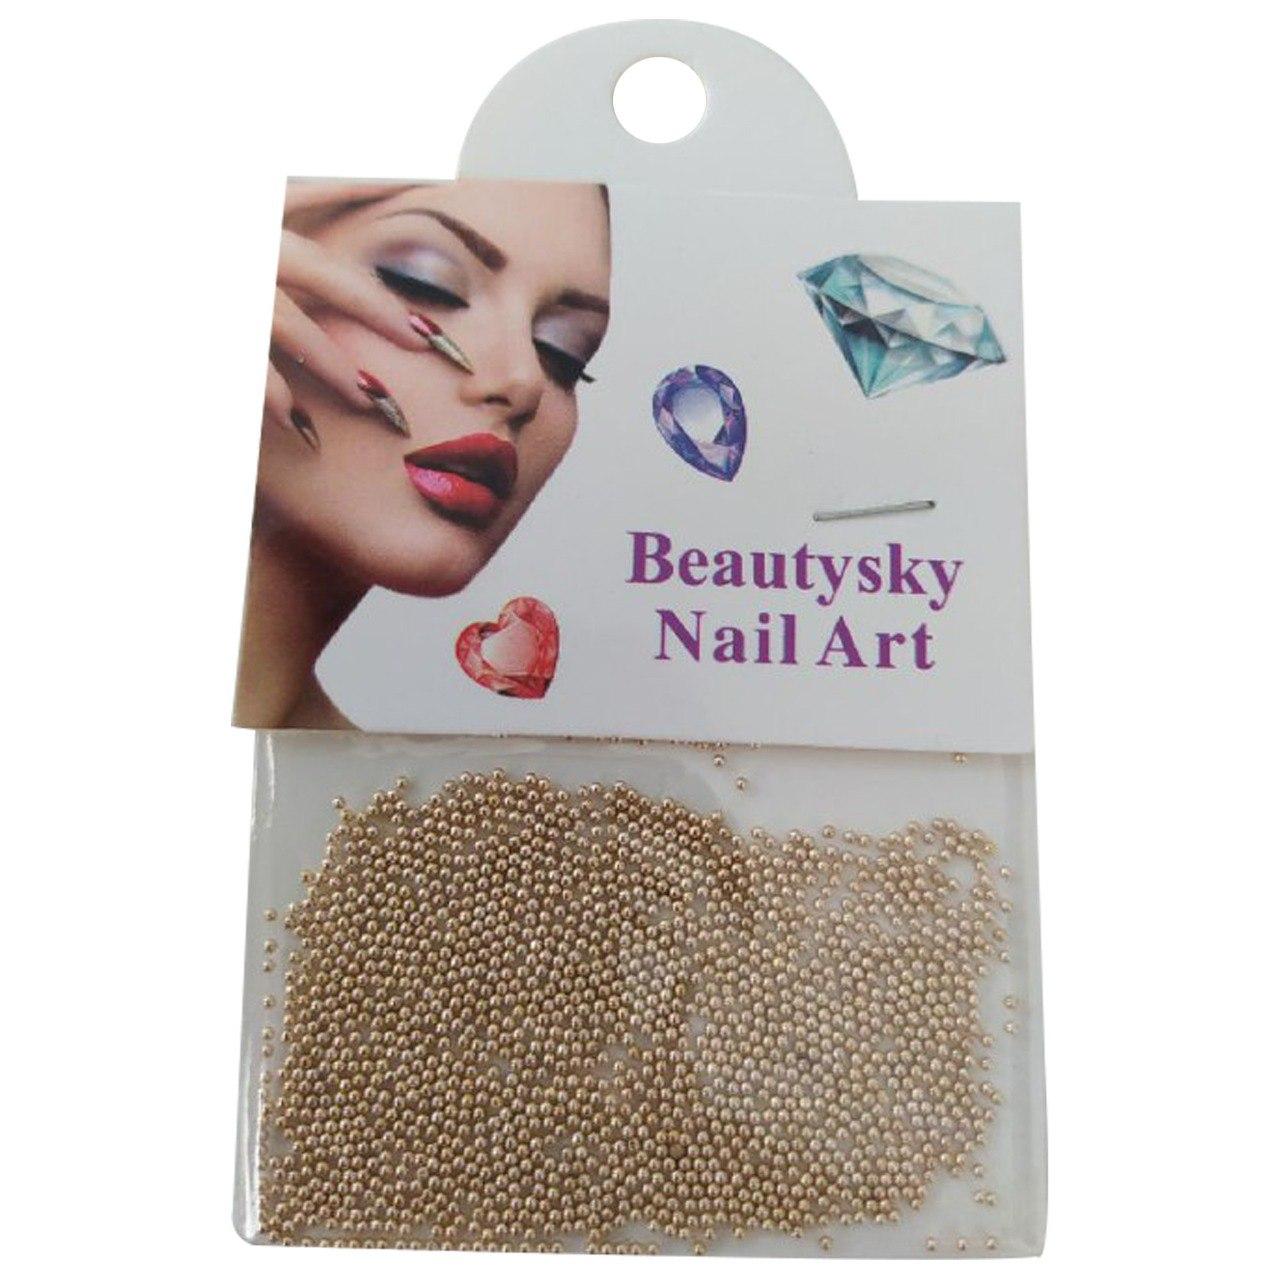 Esfera caviar metalizada para decoração de unhas